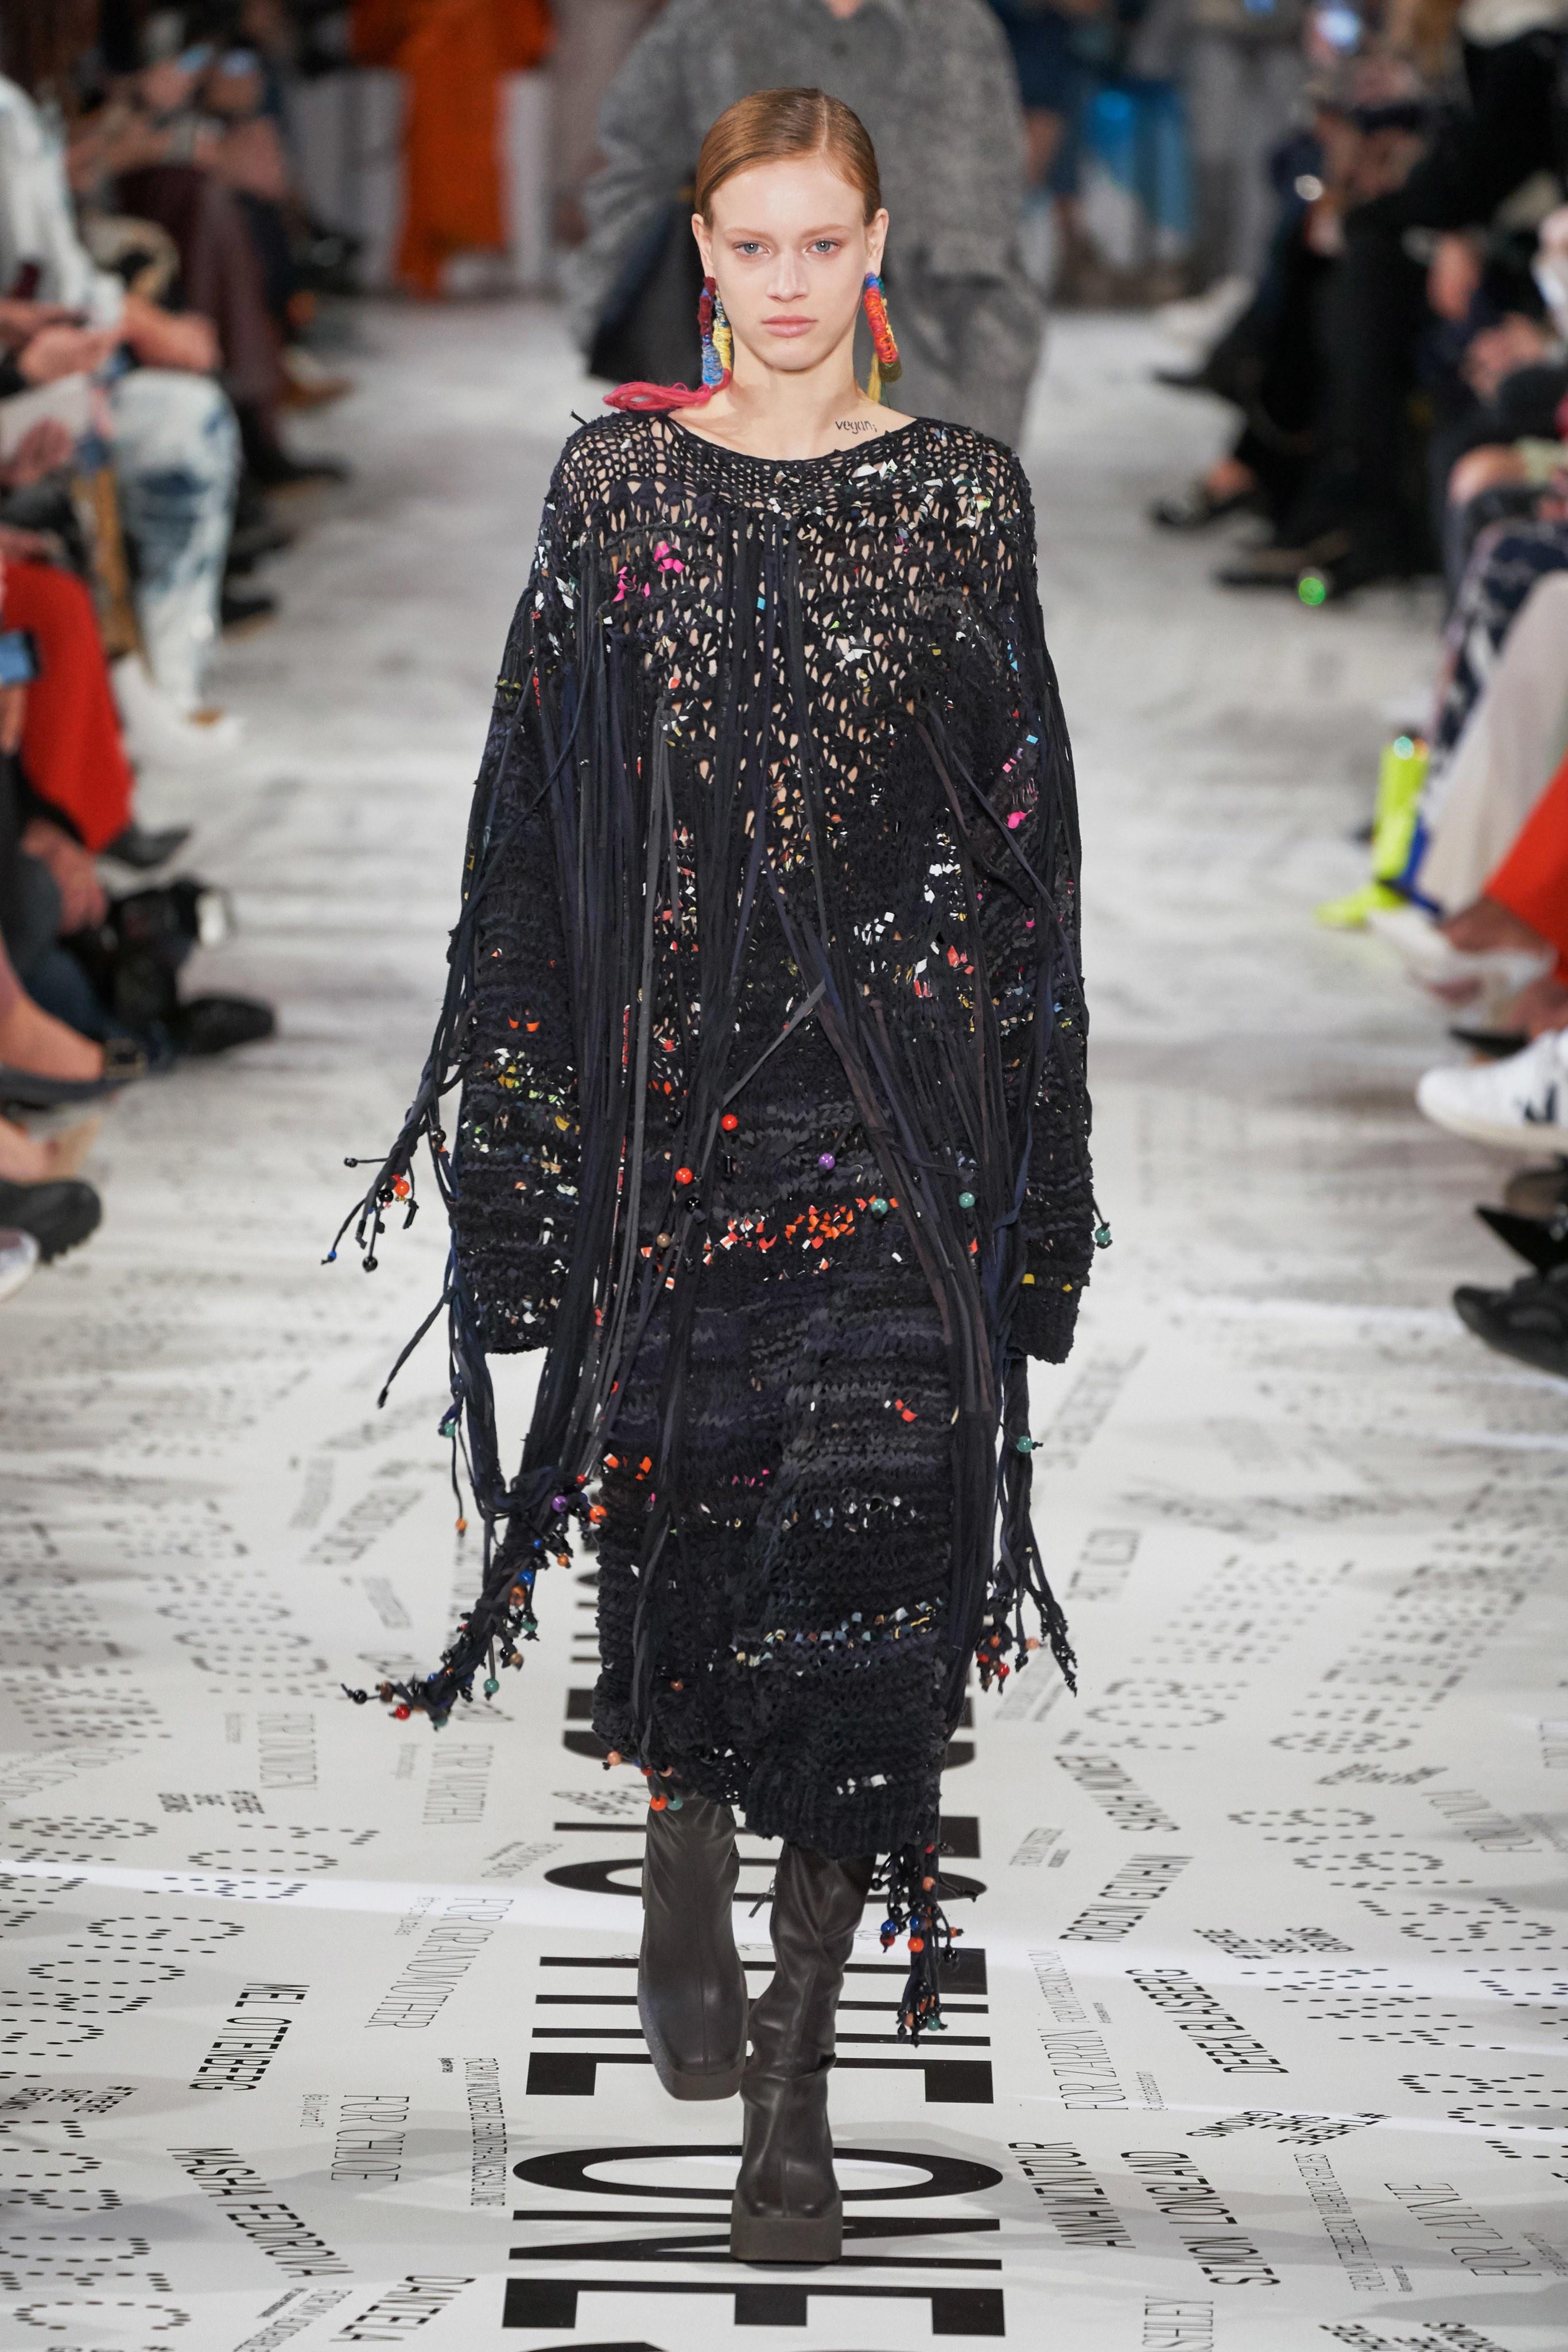 franjuri-moda-2019